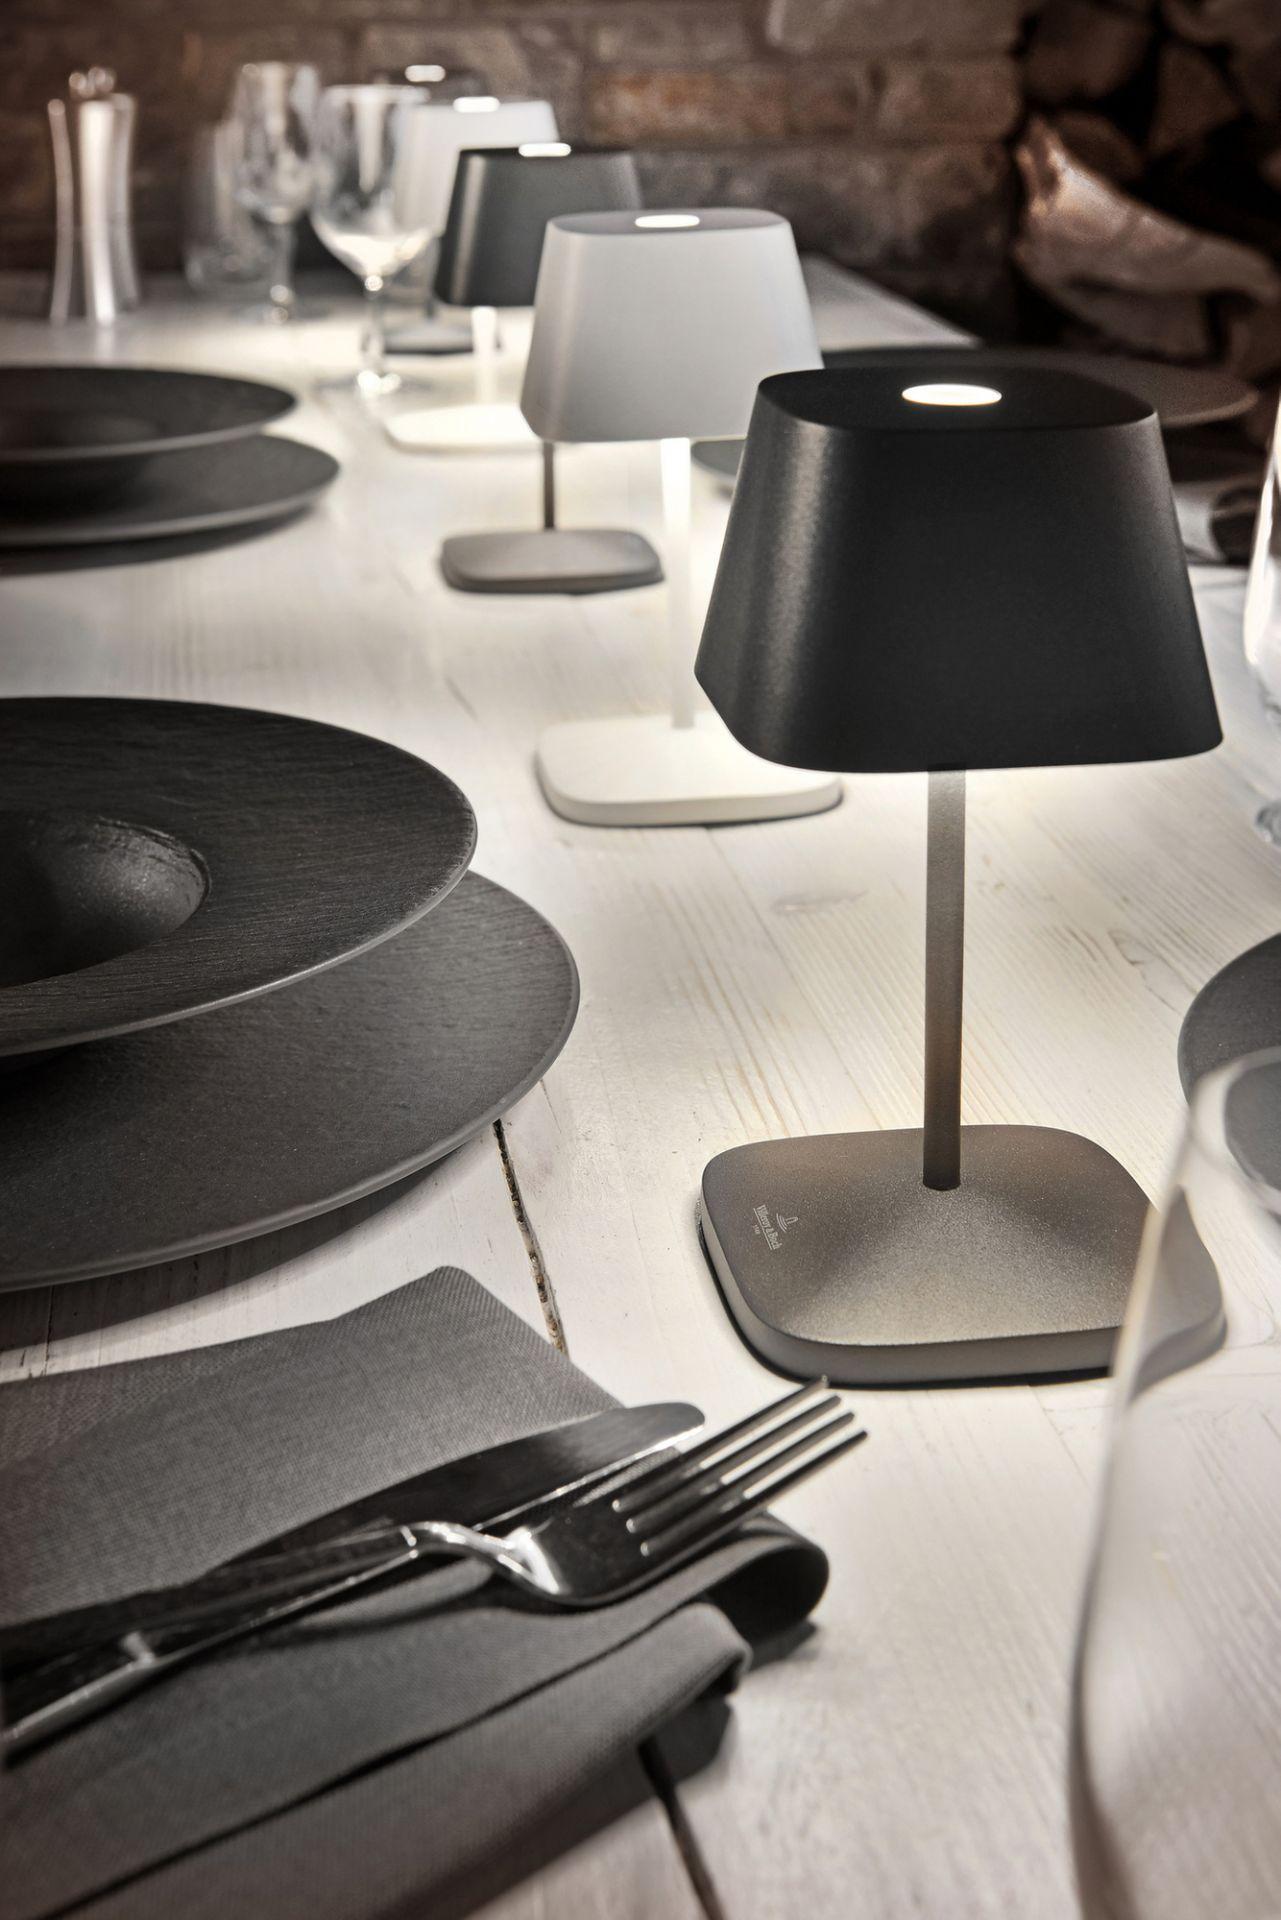 Neapel Tischleuchte mit Akku schwarz Villeroy & Boch